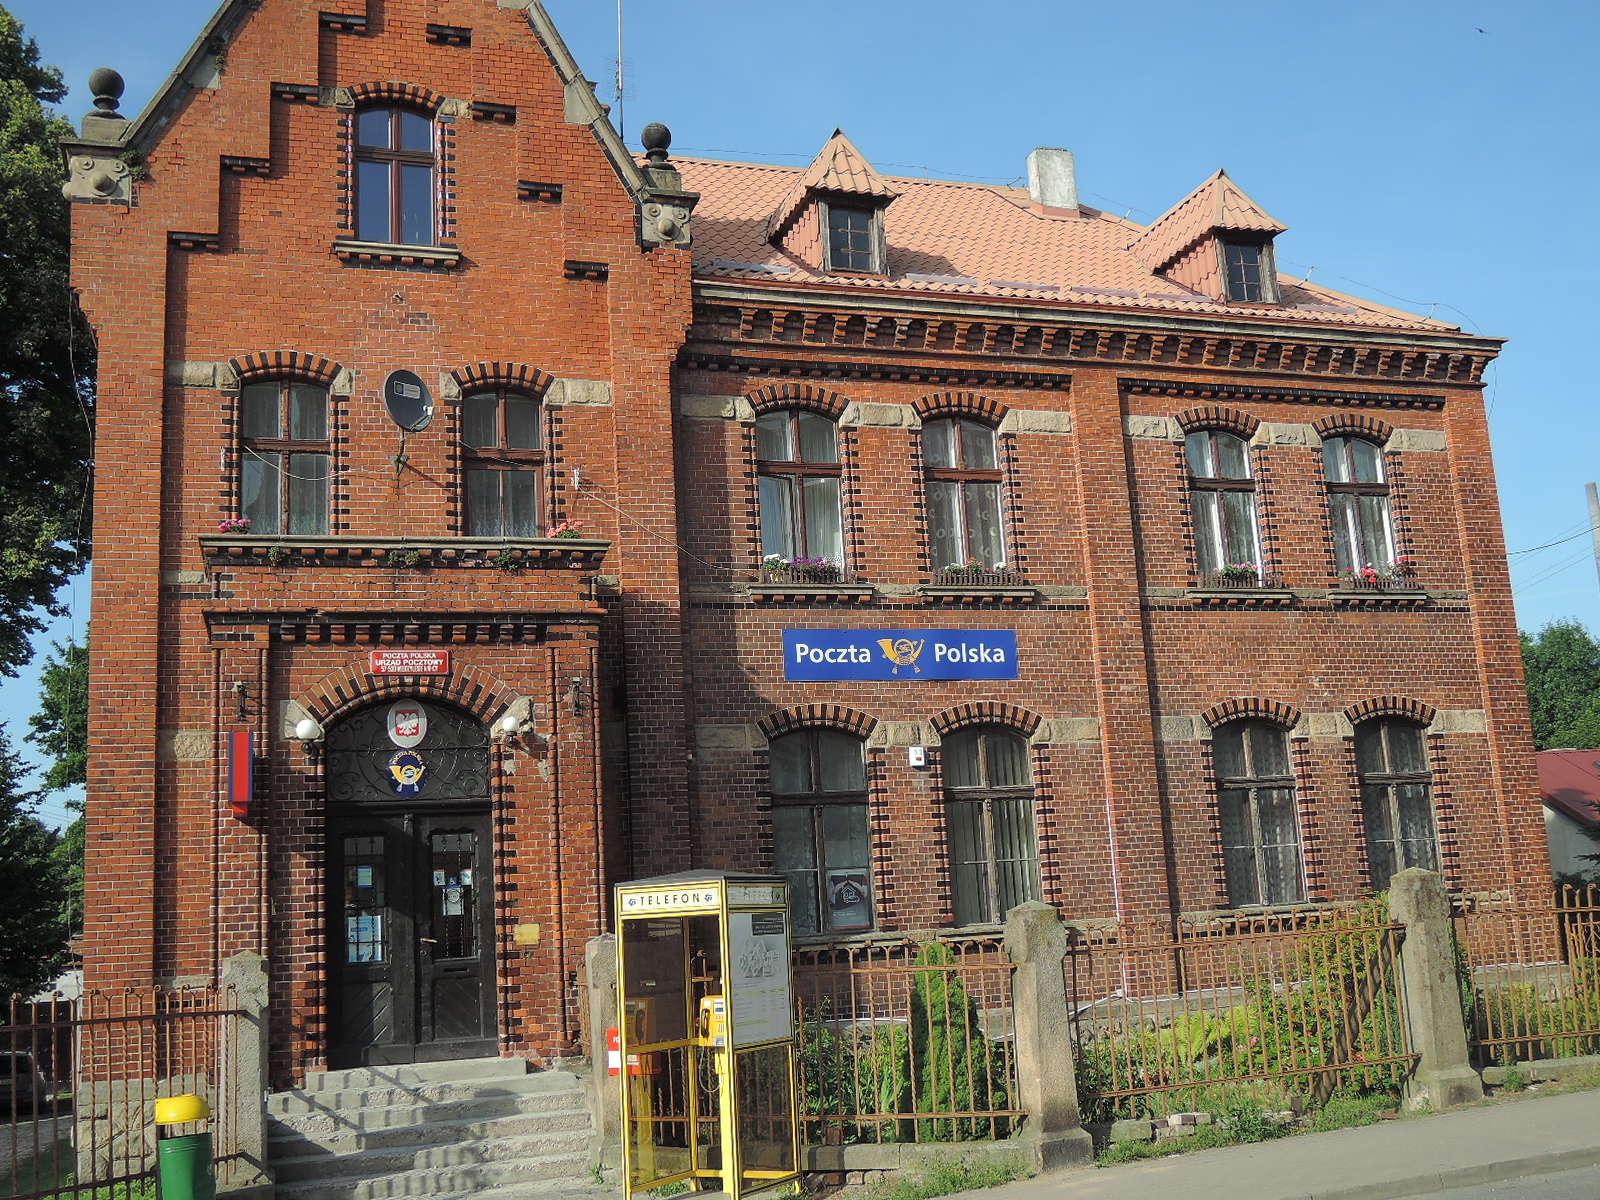 Poczta Polska, el servicio postal polaco.